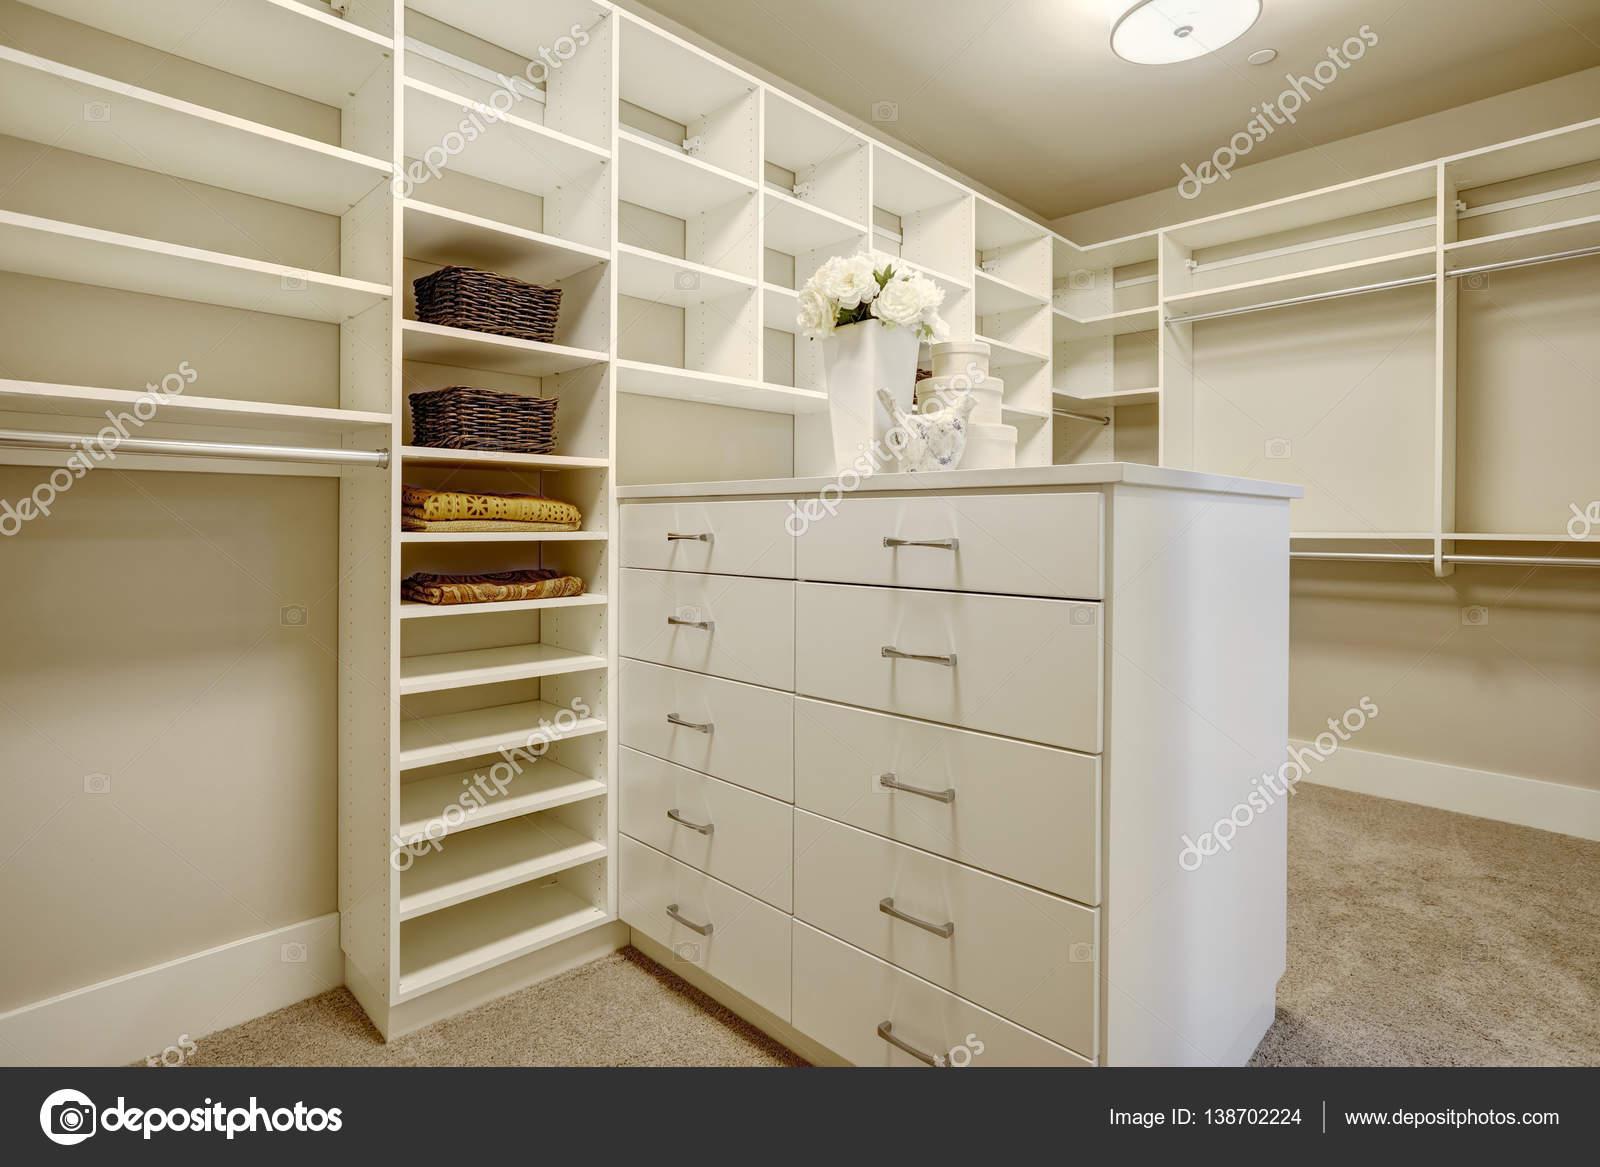 Cabine Armadio Enormi : Enorme cabina armadio con ripiani cassetti e scarpiere u2014 foto stock